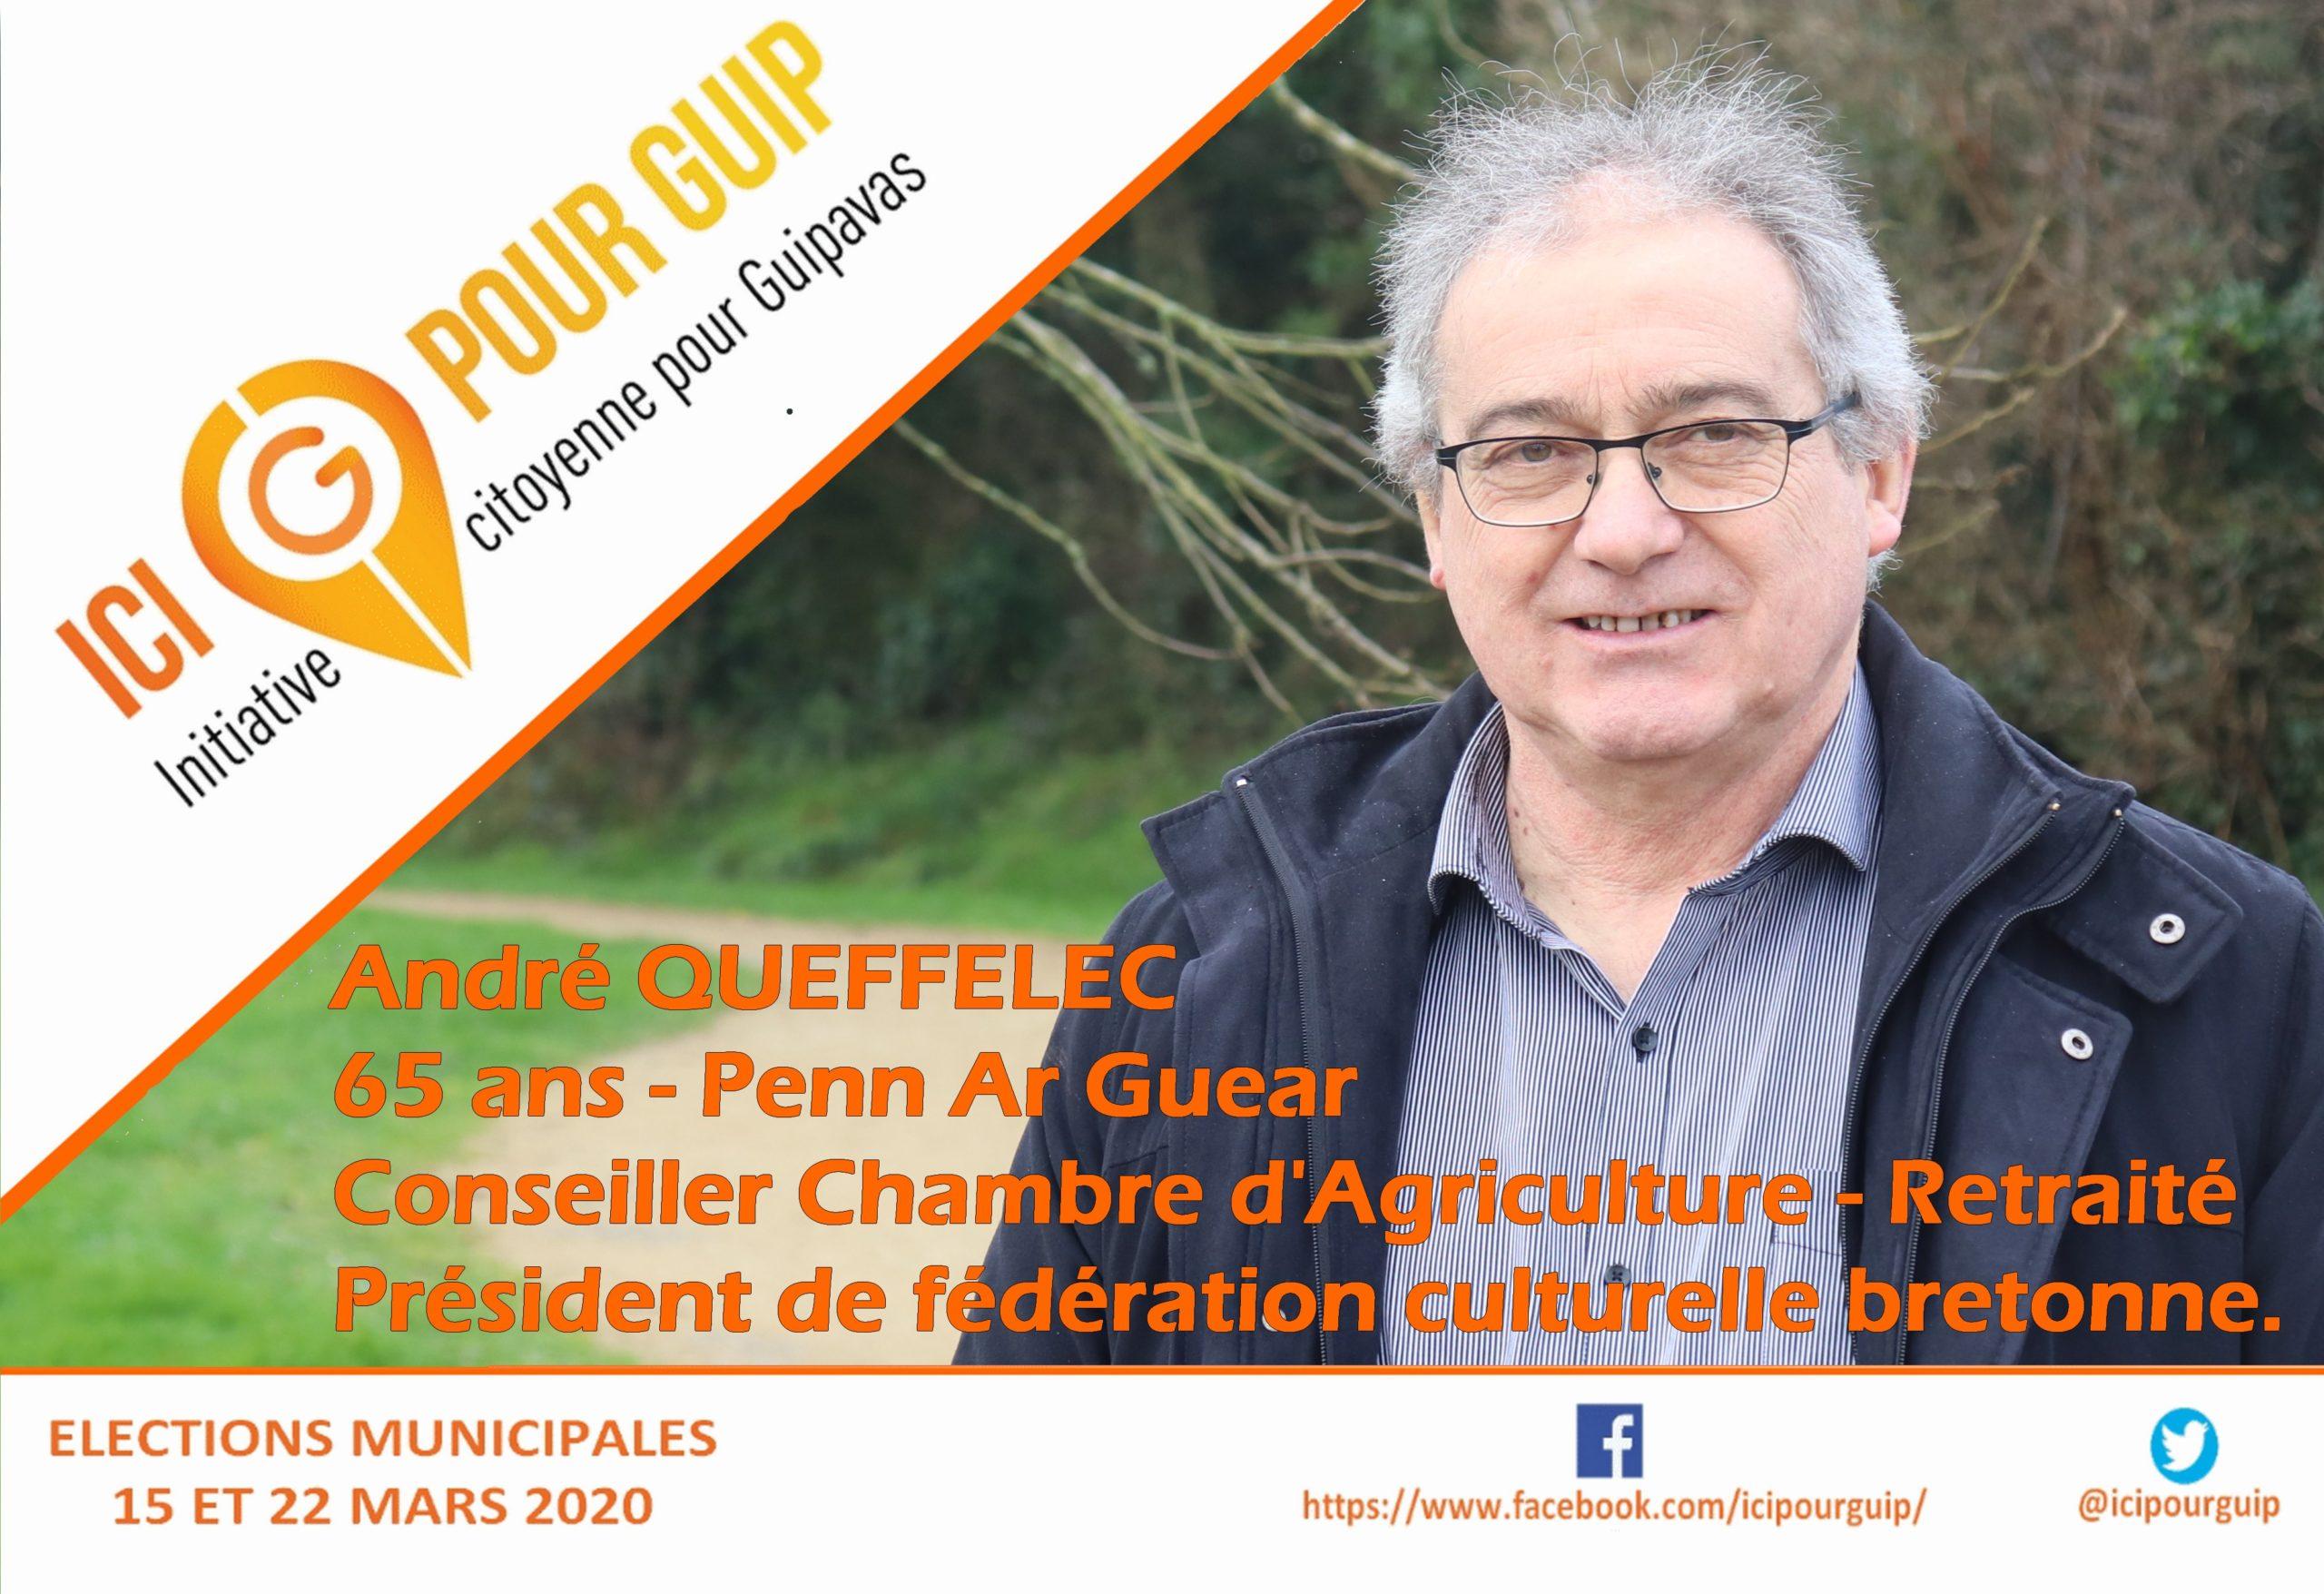 André Queffelec